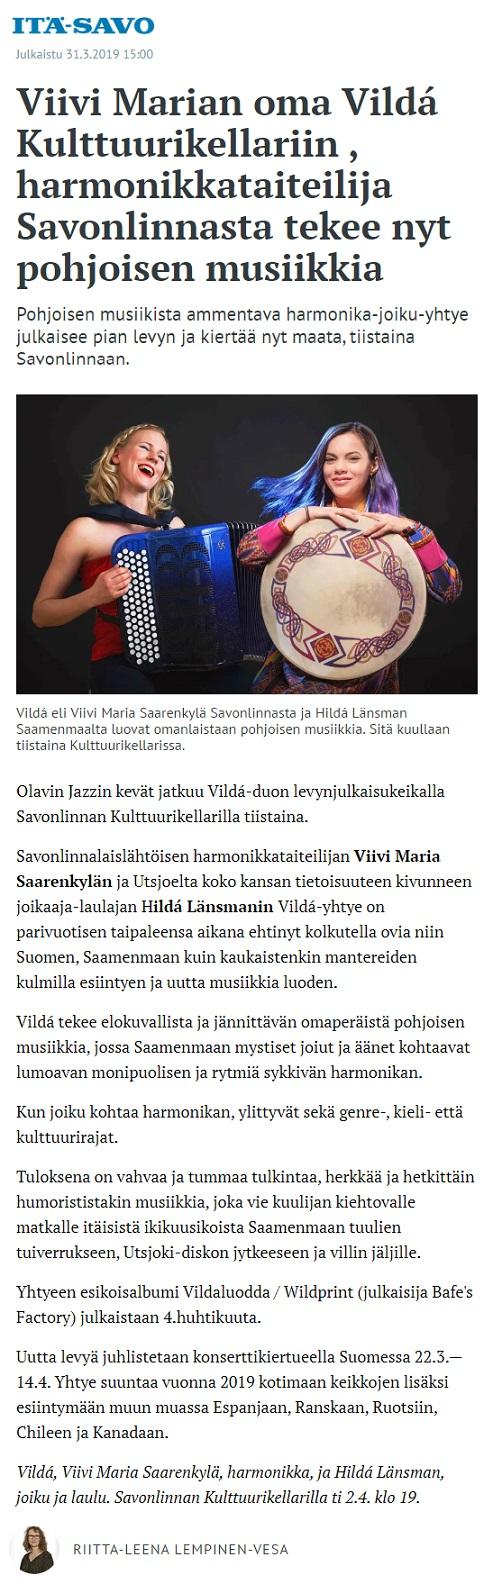 Itä-Savo (Finland), 31.3.2019